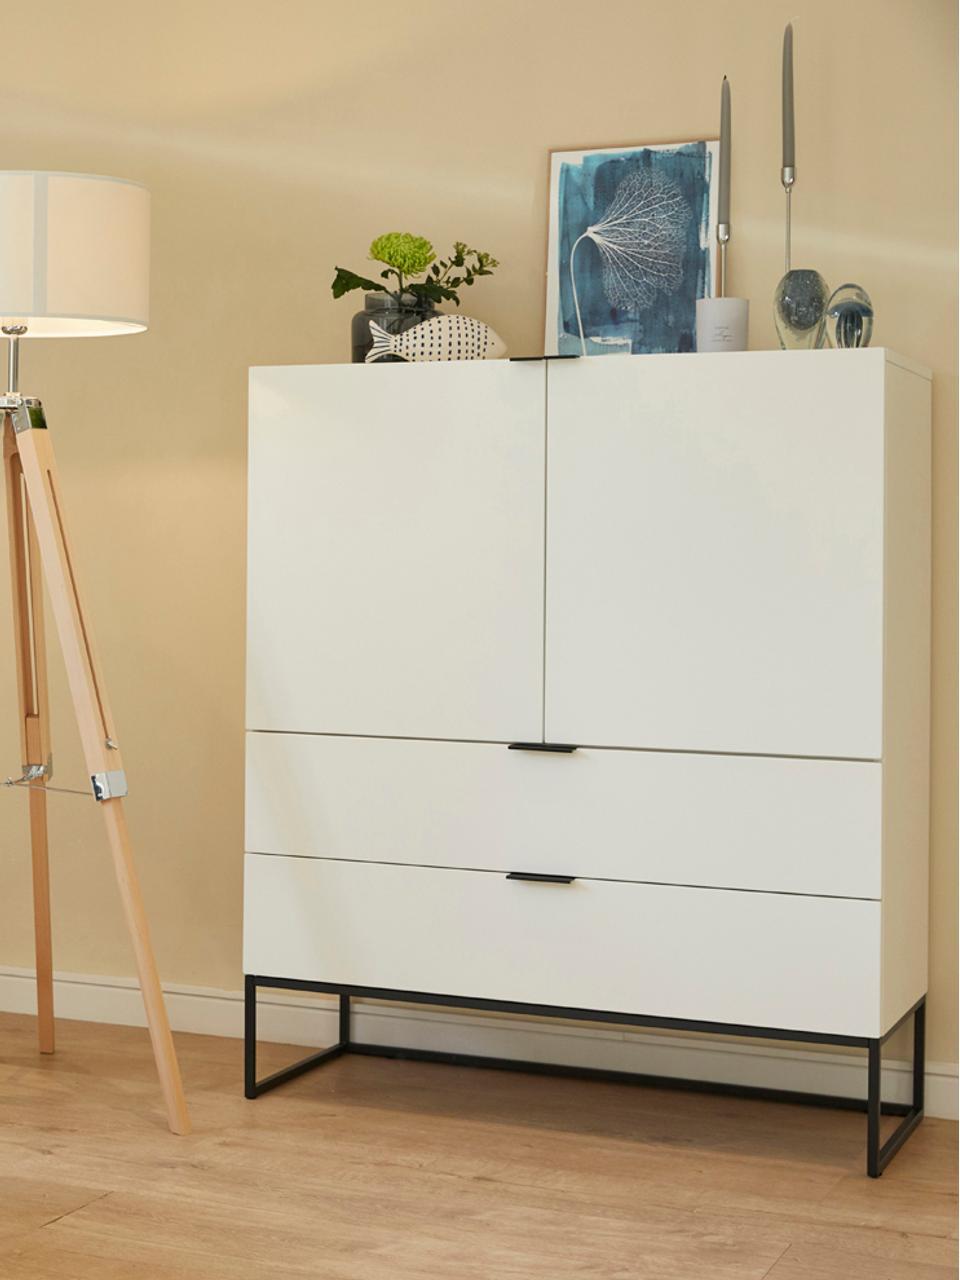 Wysoka komoda z szufladami Kobe, Korpus: biały, matowy Stelaż i uchwyty: czarny, matowy, S 100 x W 120 cm